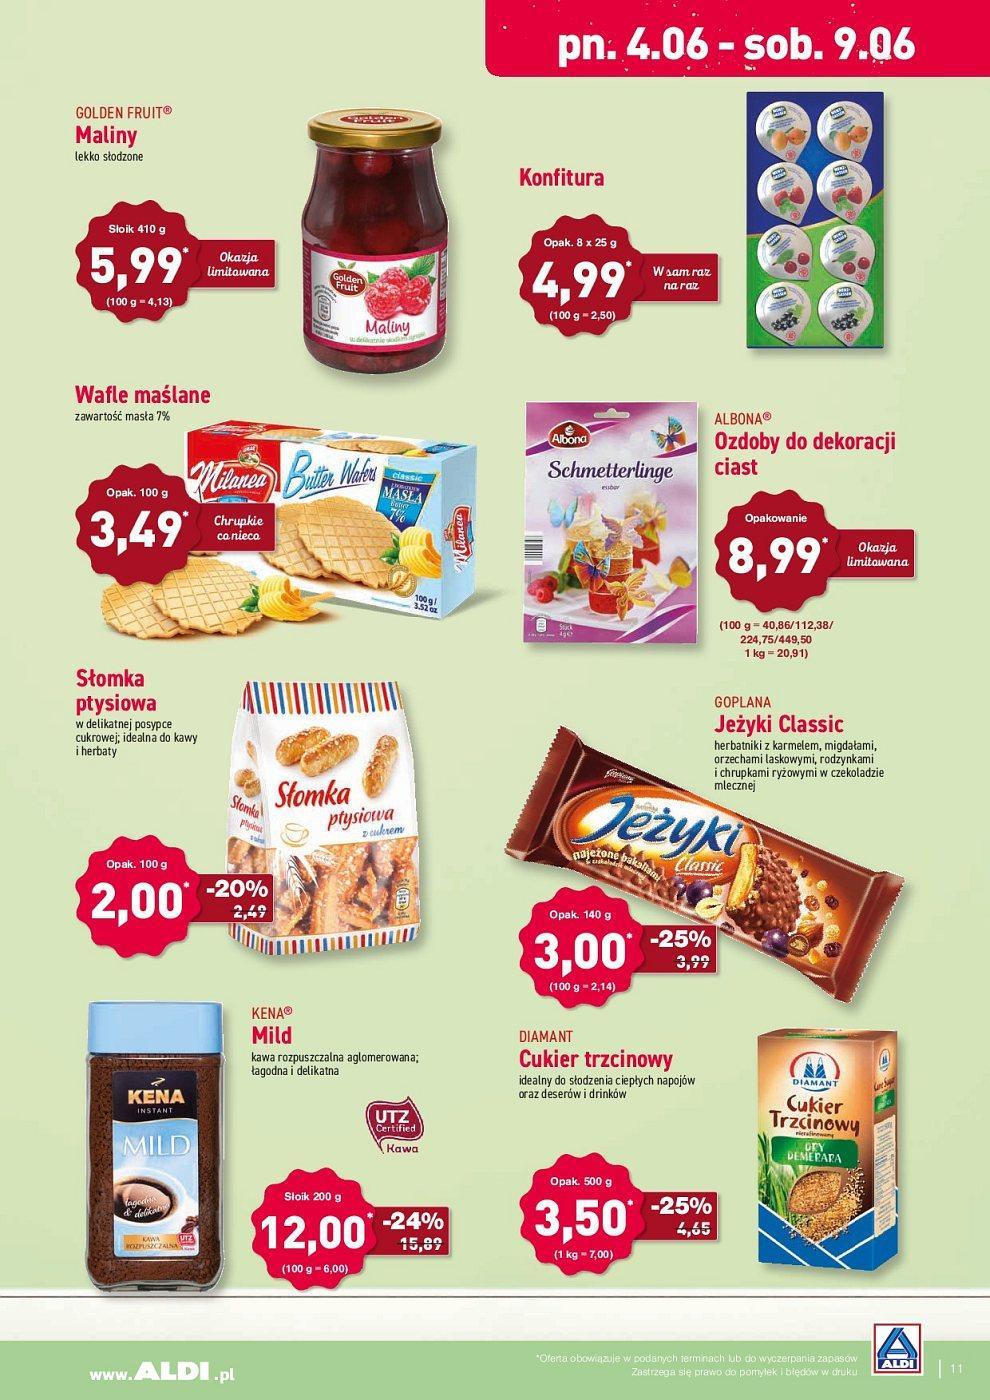 Gazetka promocyjna ALDI do 09/06/2018 str.11